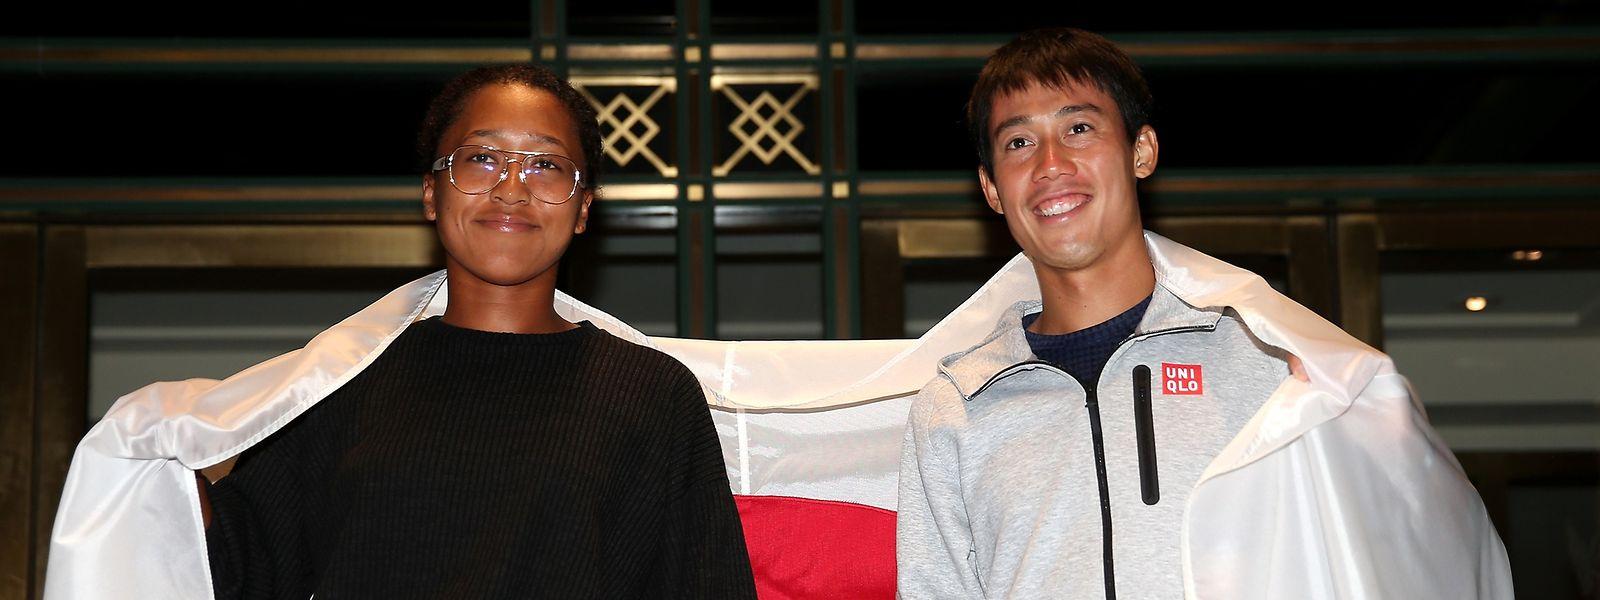 Der Stolz eines ganzen Landes: Naomi Osaka und Kei Nishikori (r.) posieren vor ihrem Hotel mit der japanischen Flagge.